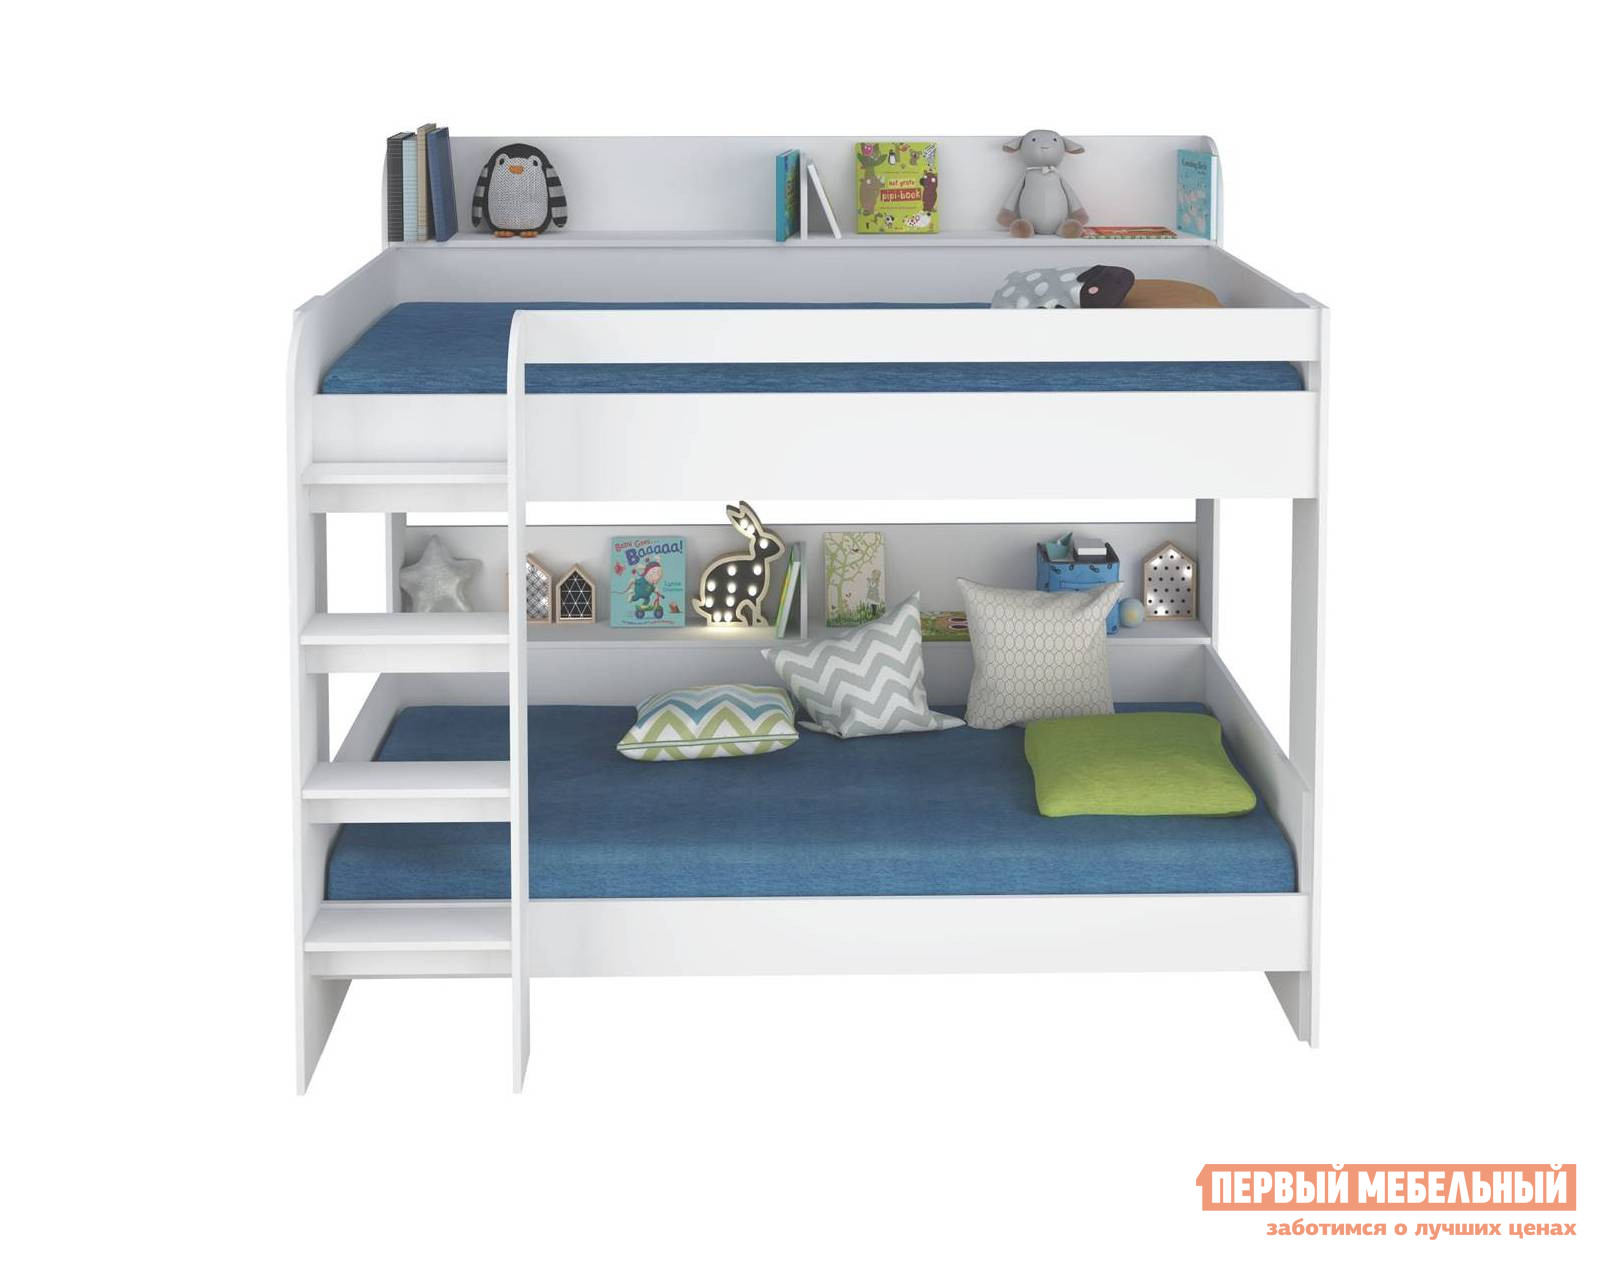 Двухъярусная кровать для детей ВПК Кровать 2-х ярусная Polini kids Simple 5000 двухъярусная кровать для детей впк кровать 2 х ярусная polini kids simple 5000